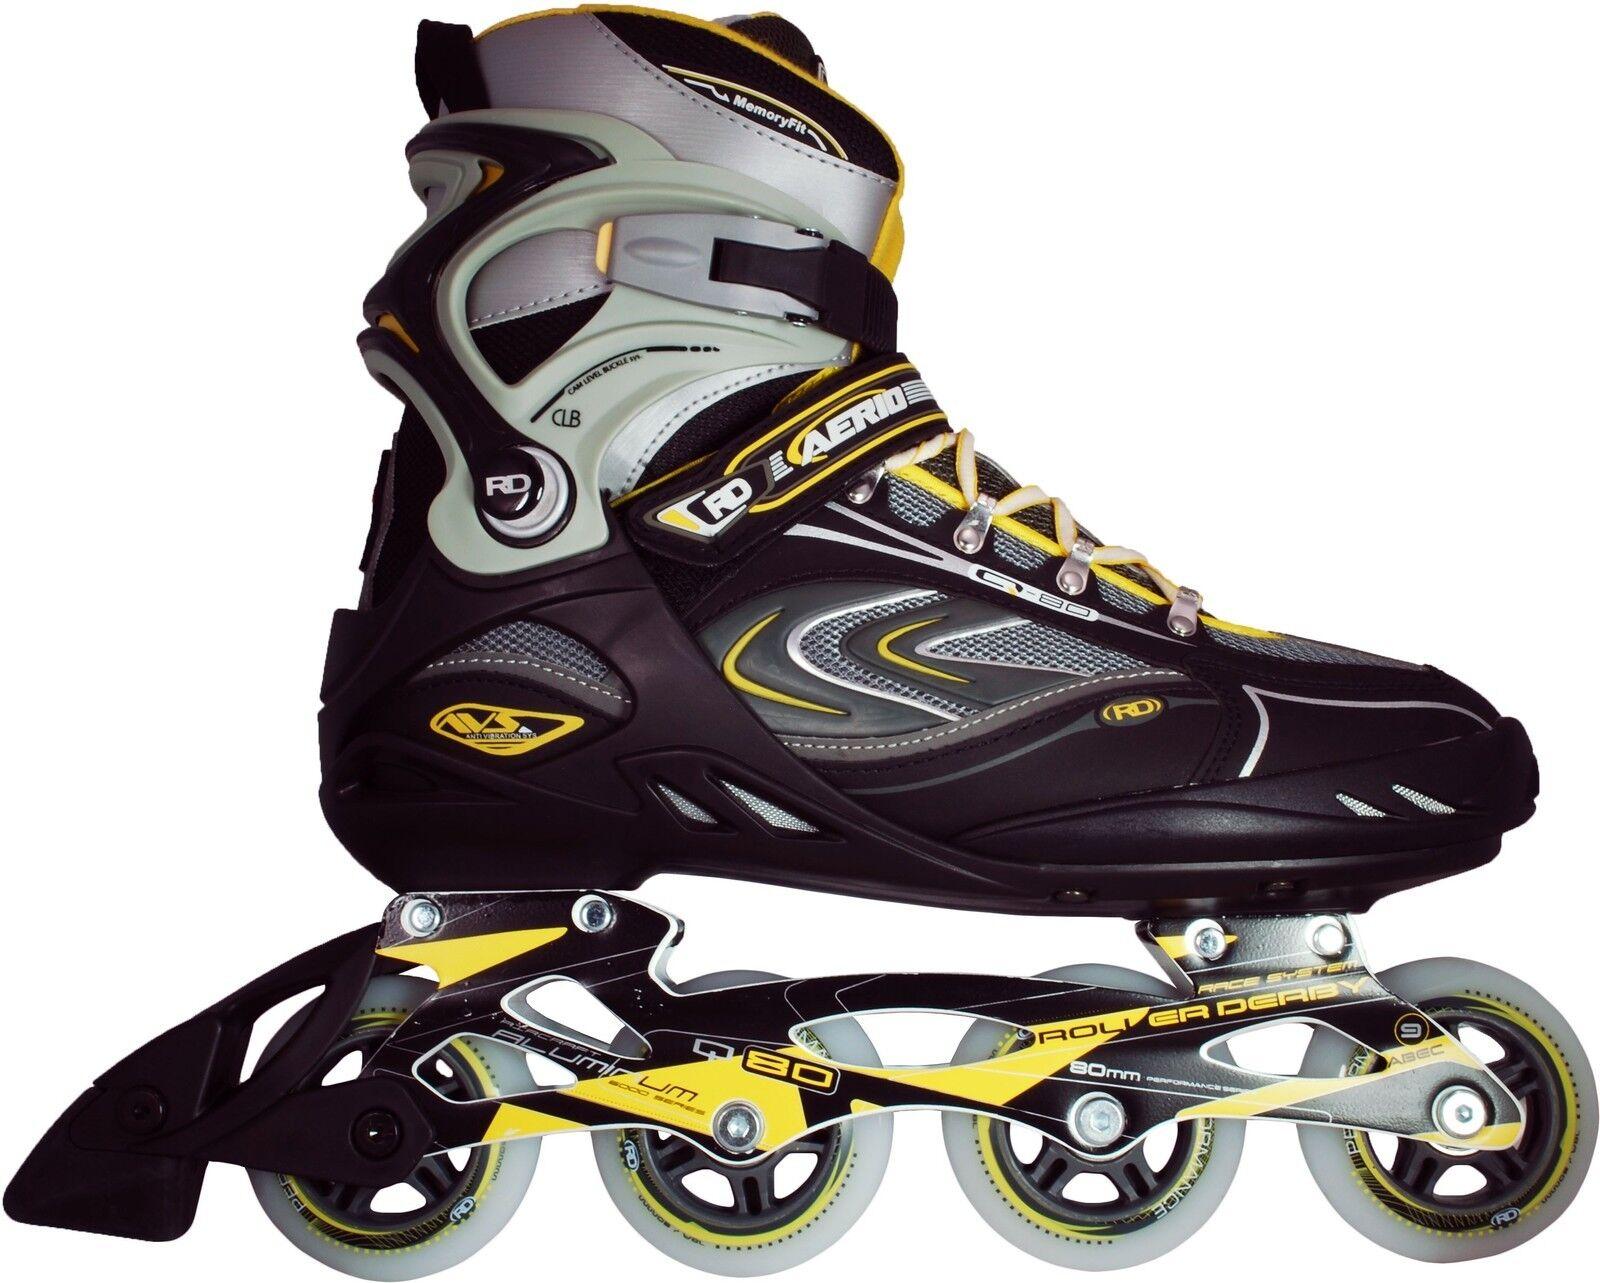 Roller Blades - Roller Derby I258 Aerio Q80 - Men Inline Skates Sizes 6-13